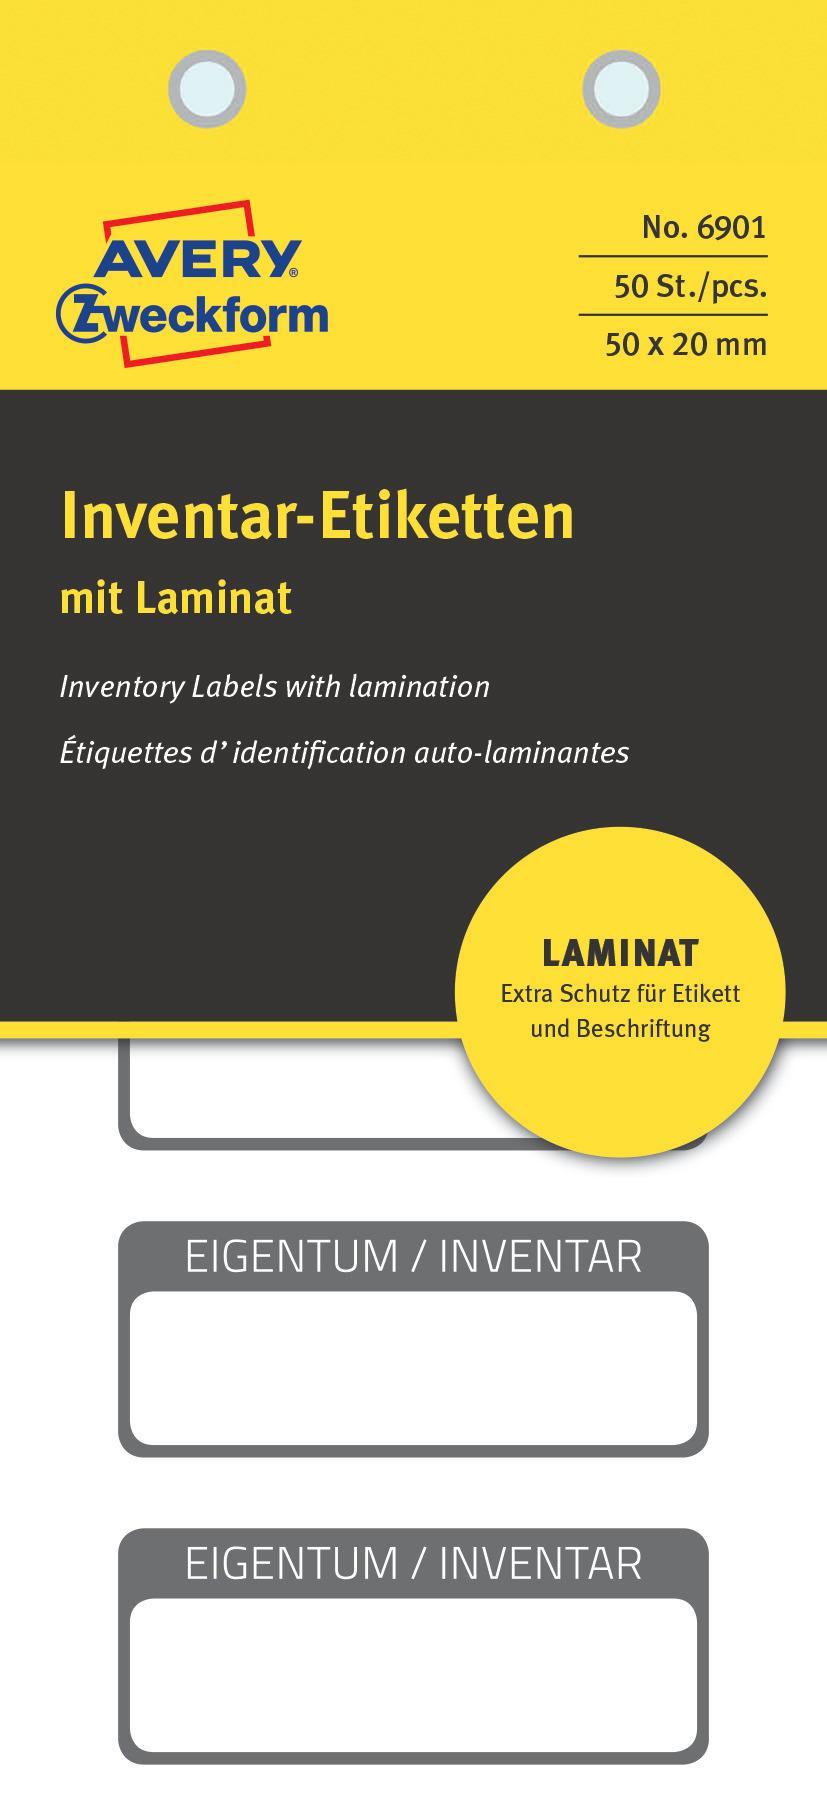 AVERY Zweckform 6903 laminierte Inventaretiketten extrem stark selbstklebend, Kleinformat, 60x30 mm, 40 Aufkleber auf 10 Blatt wei/ß//schwarz